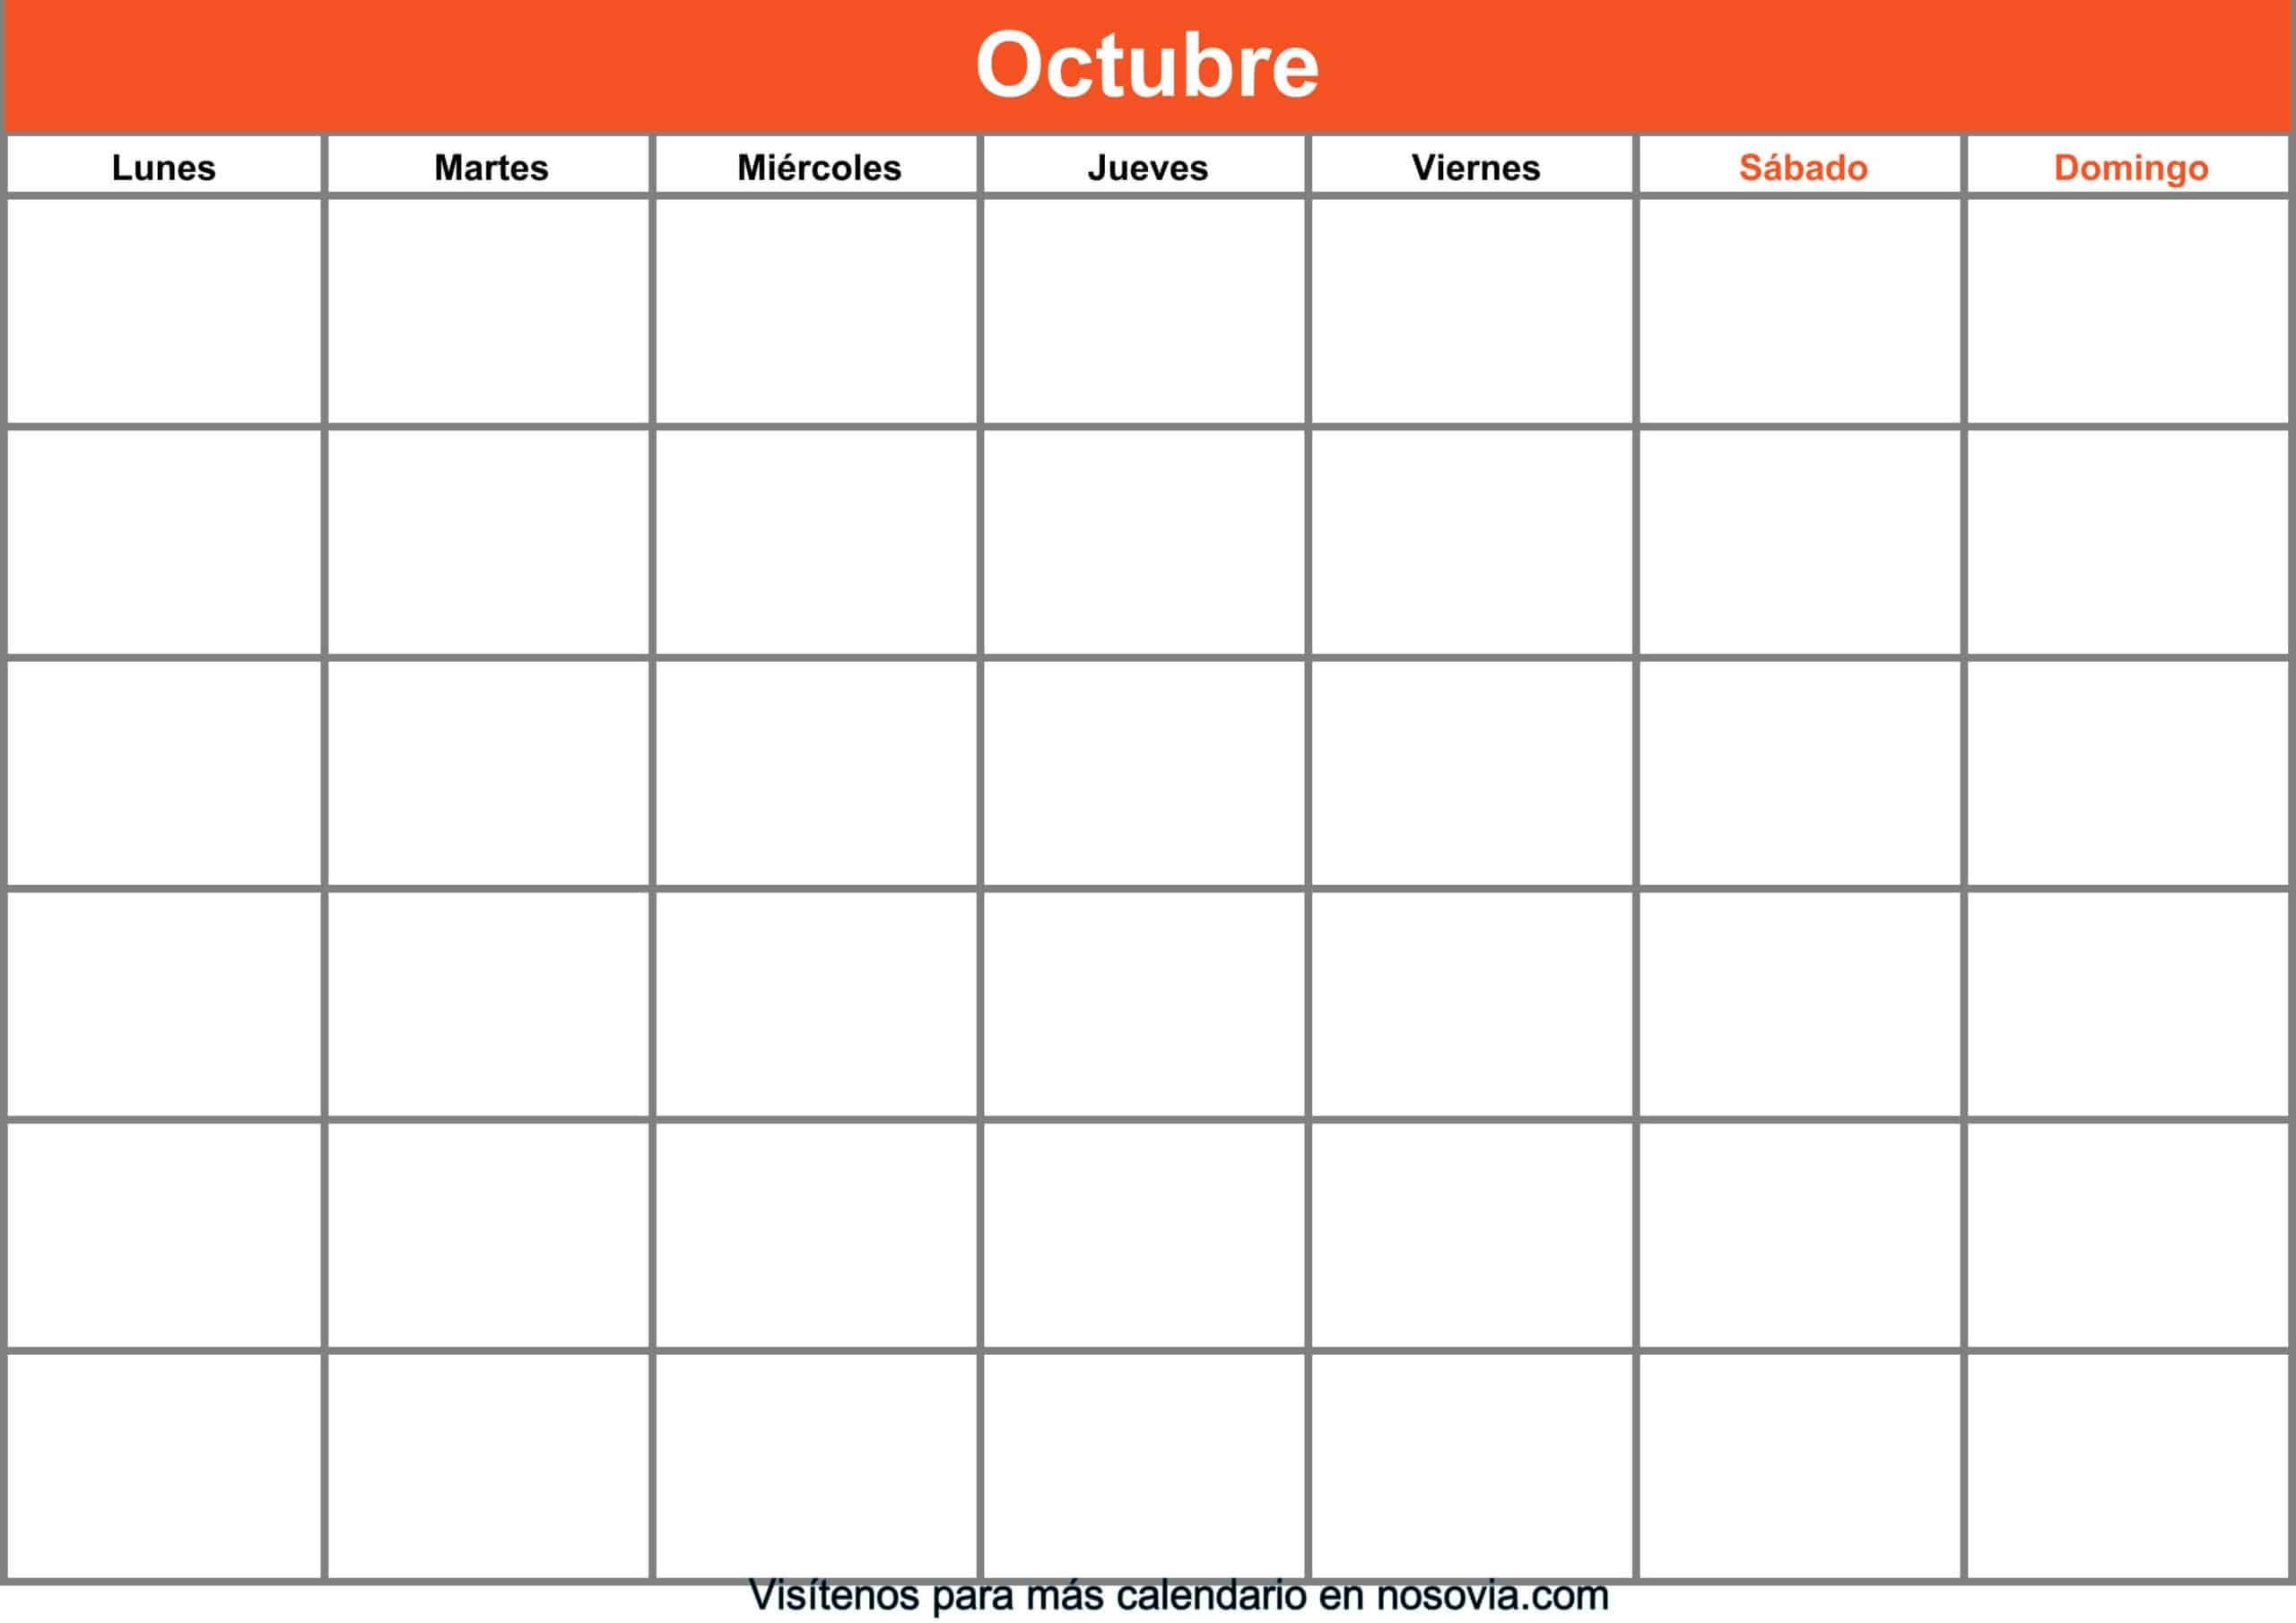 Calendario-octubre-2020-en-blanco-plantilla-gratis